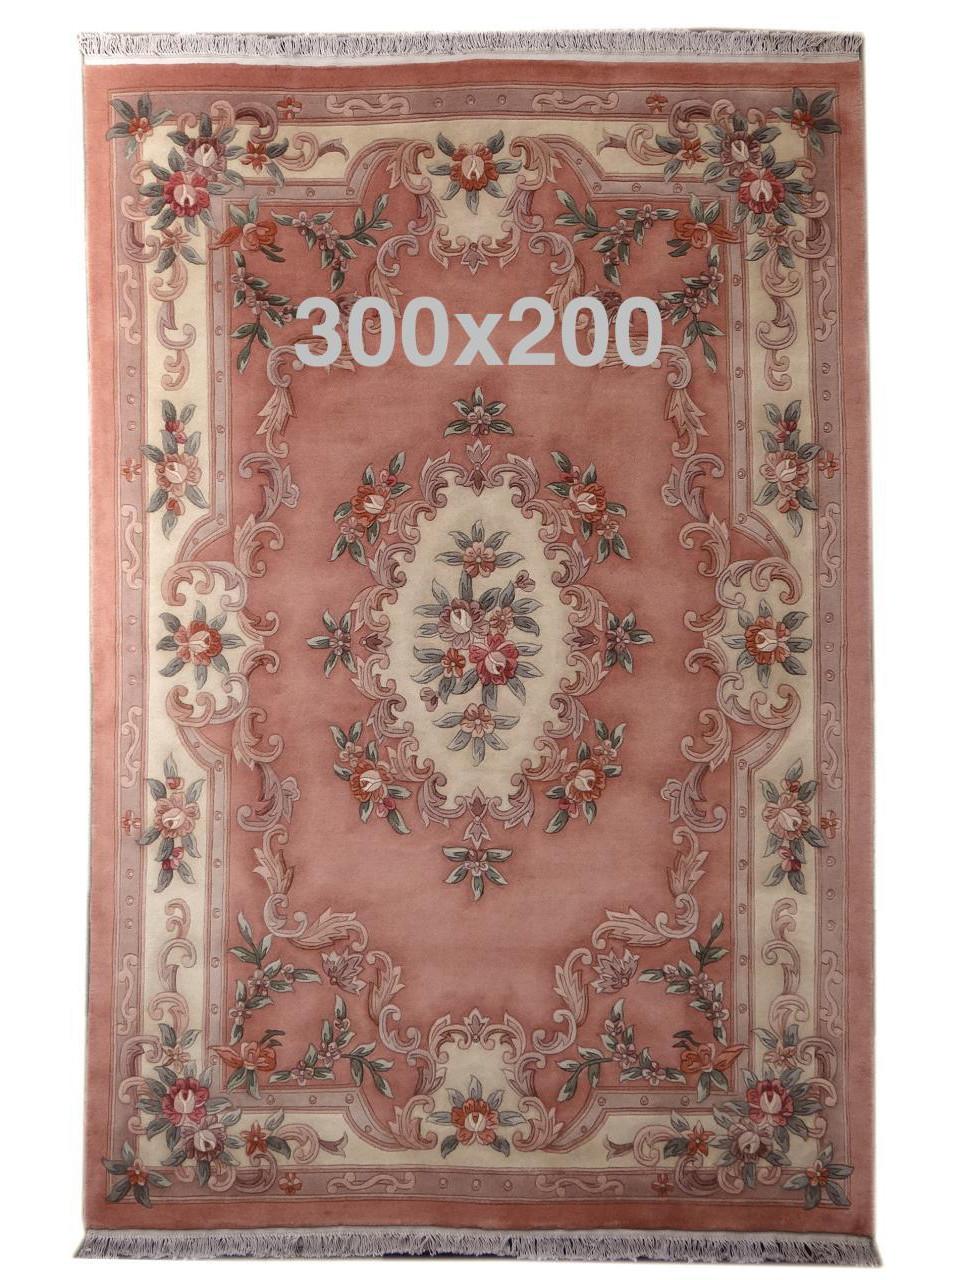 Kangshi Bei003 1546 Chinese Carpets N 1211 300x200cm